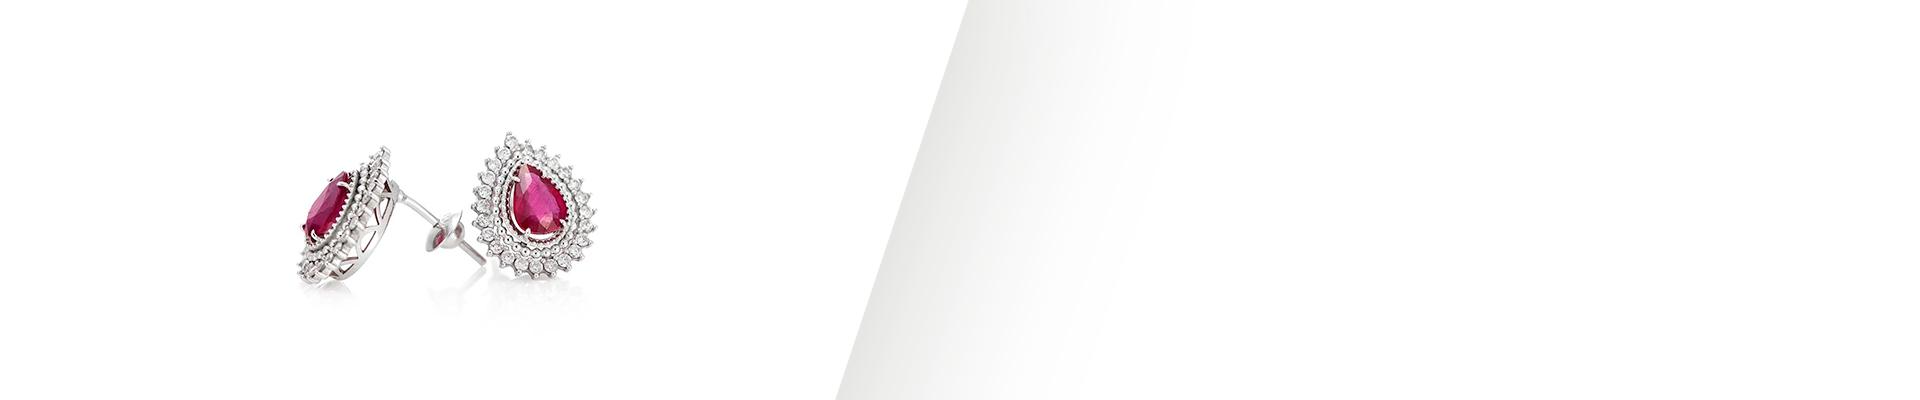 Banner Brincos de Ouro Branco